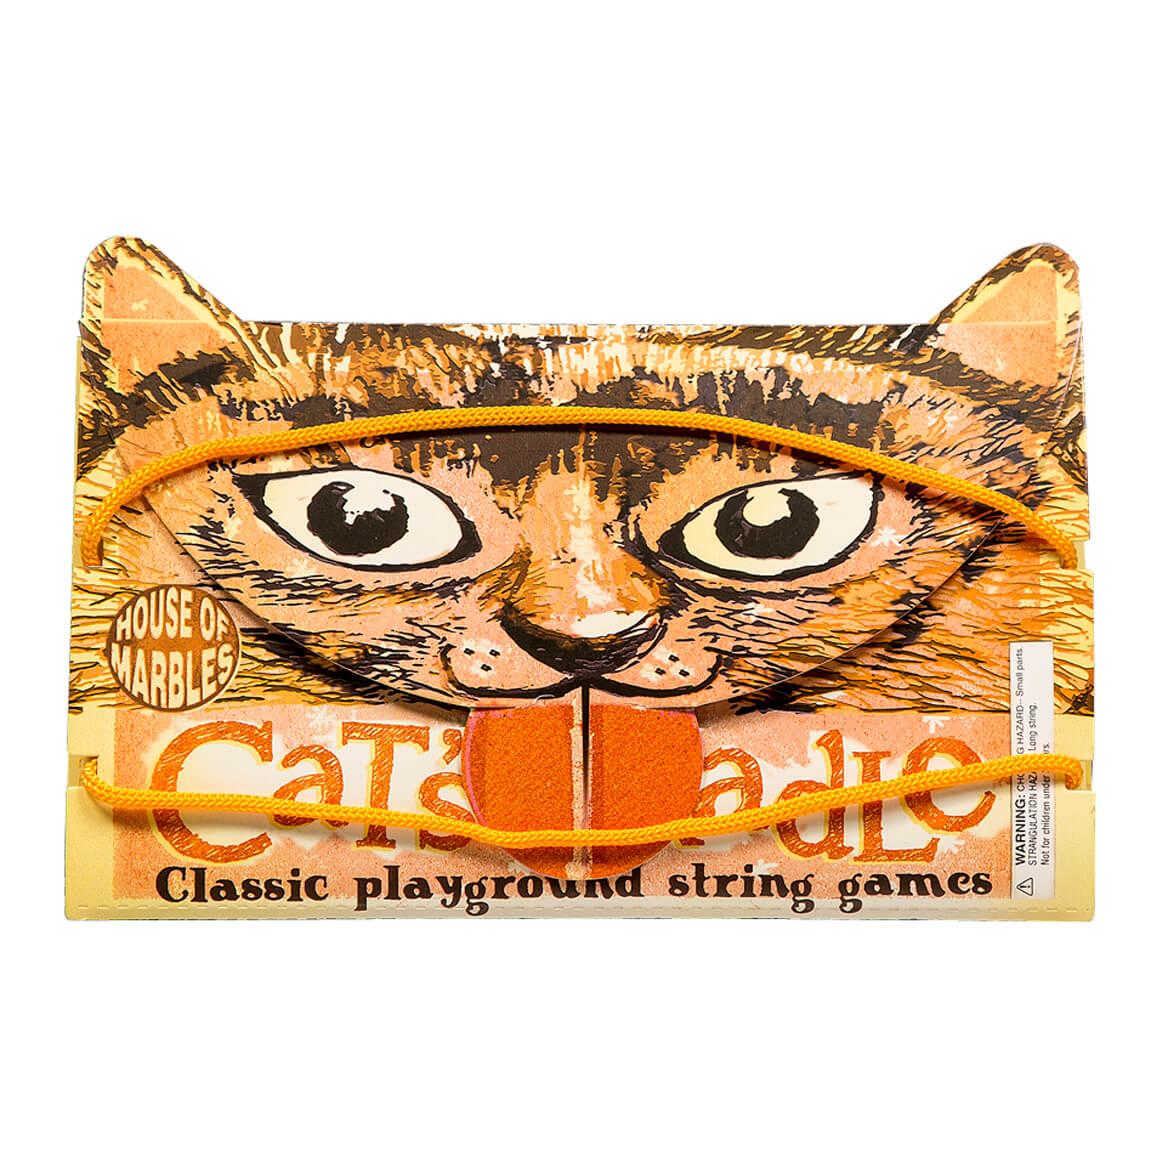 Cat's Cradle Game